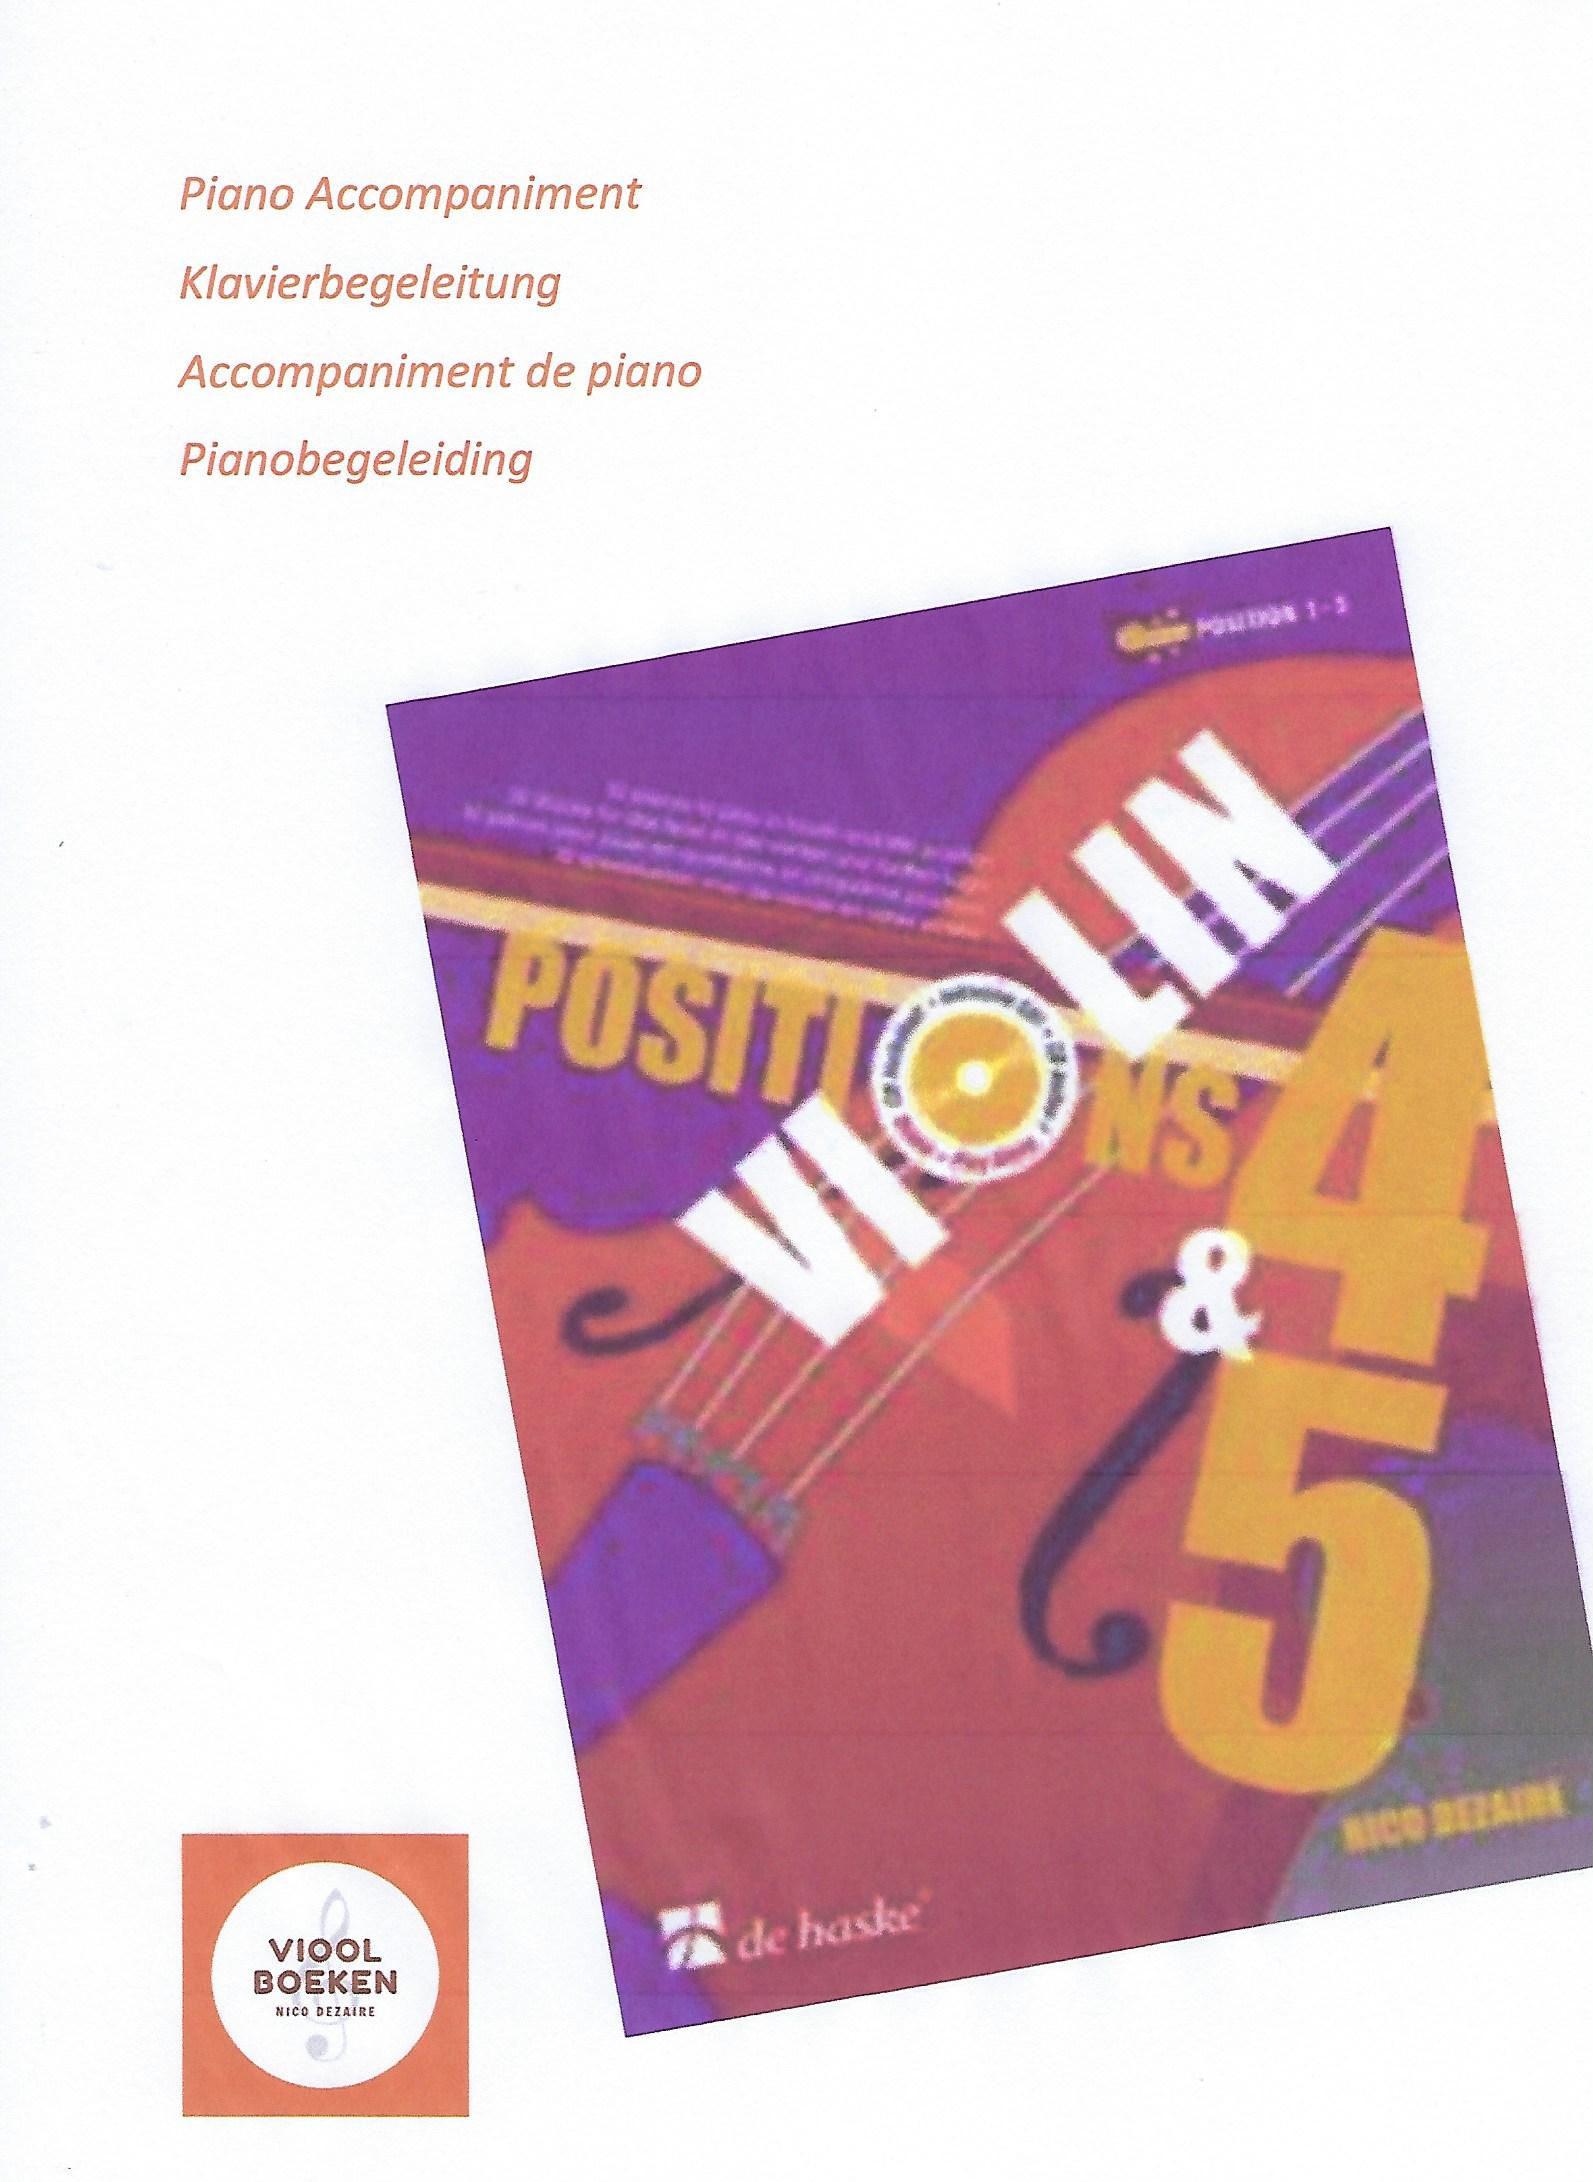 Violin Positions 4 & 5 Piano Accompaniment (e-book)